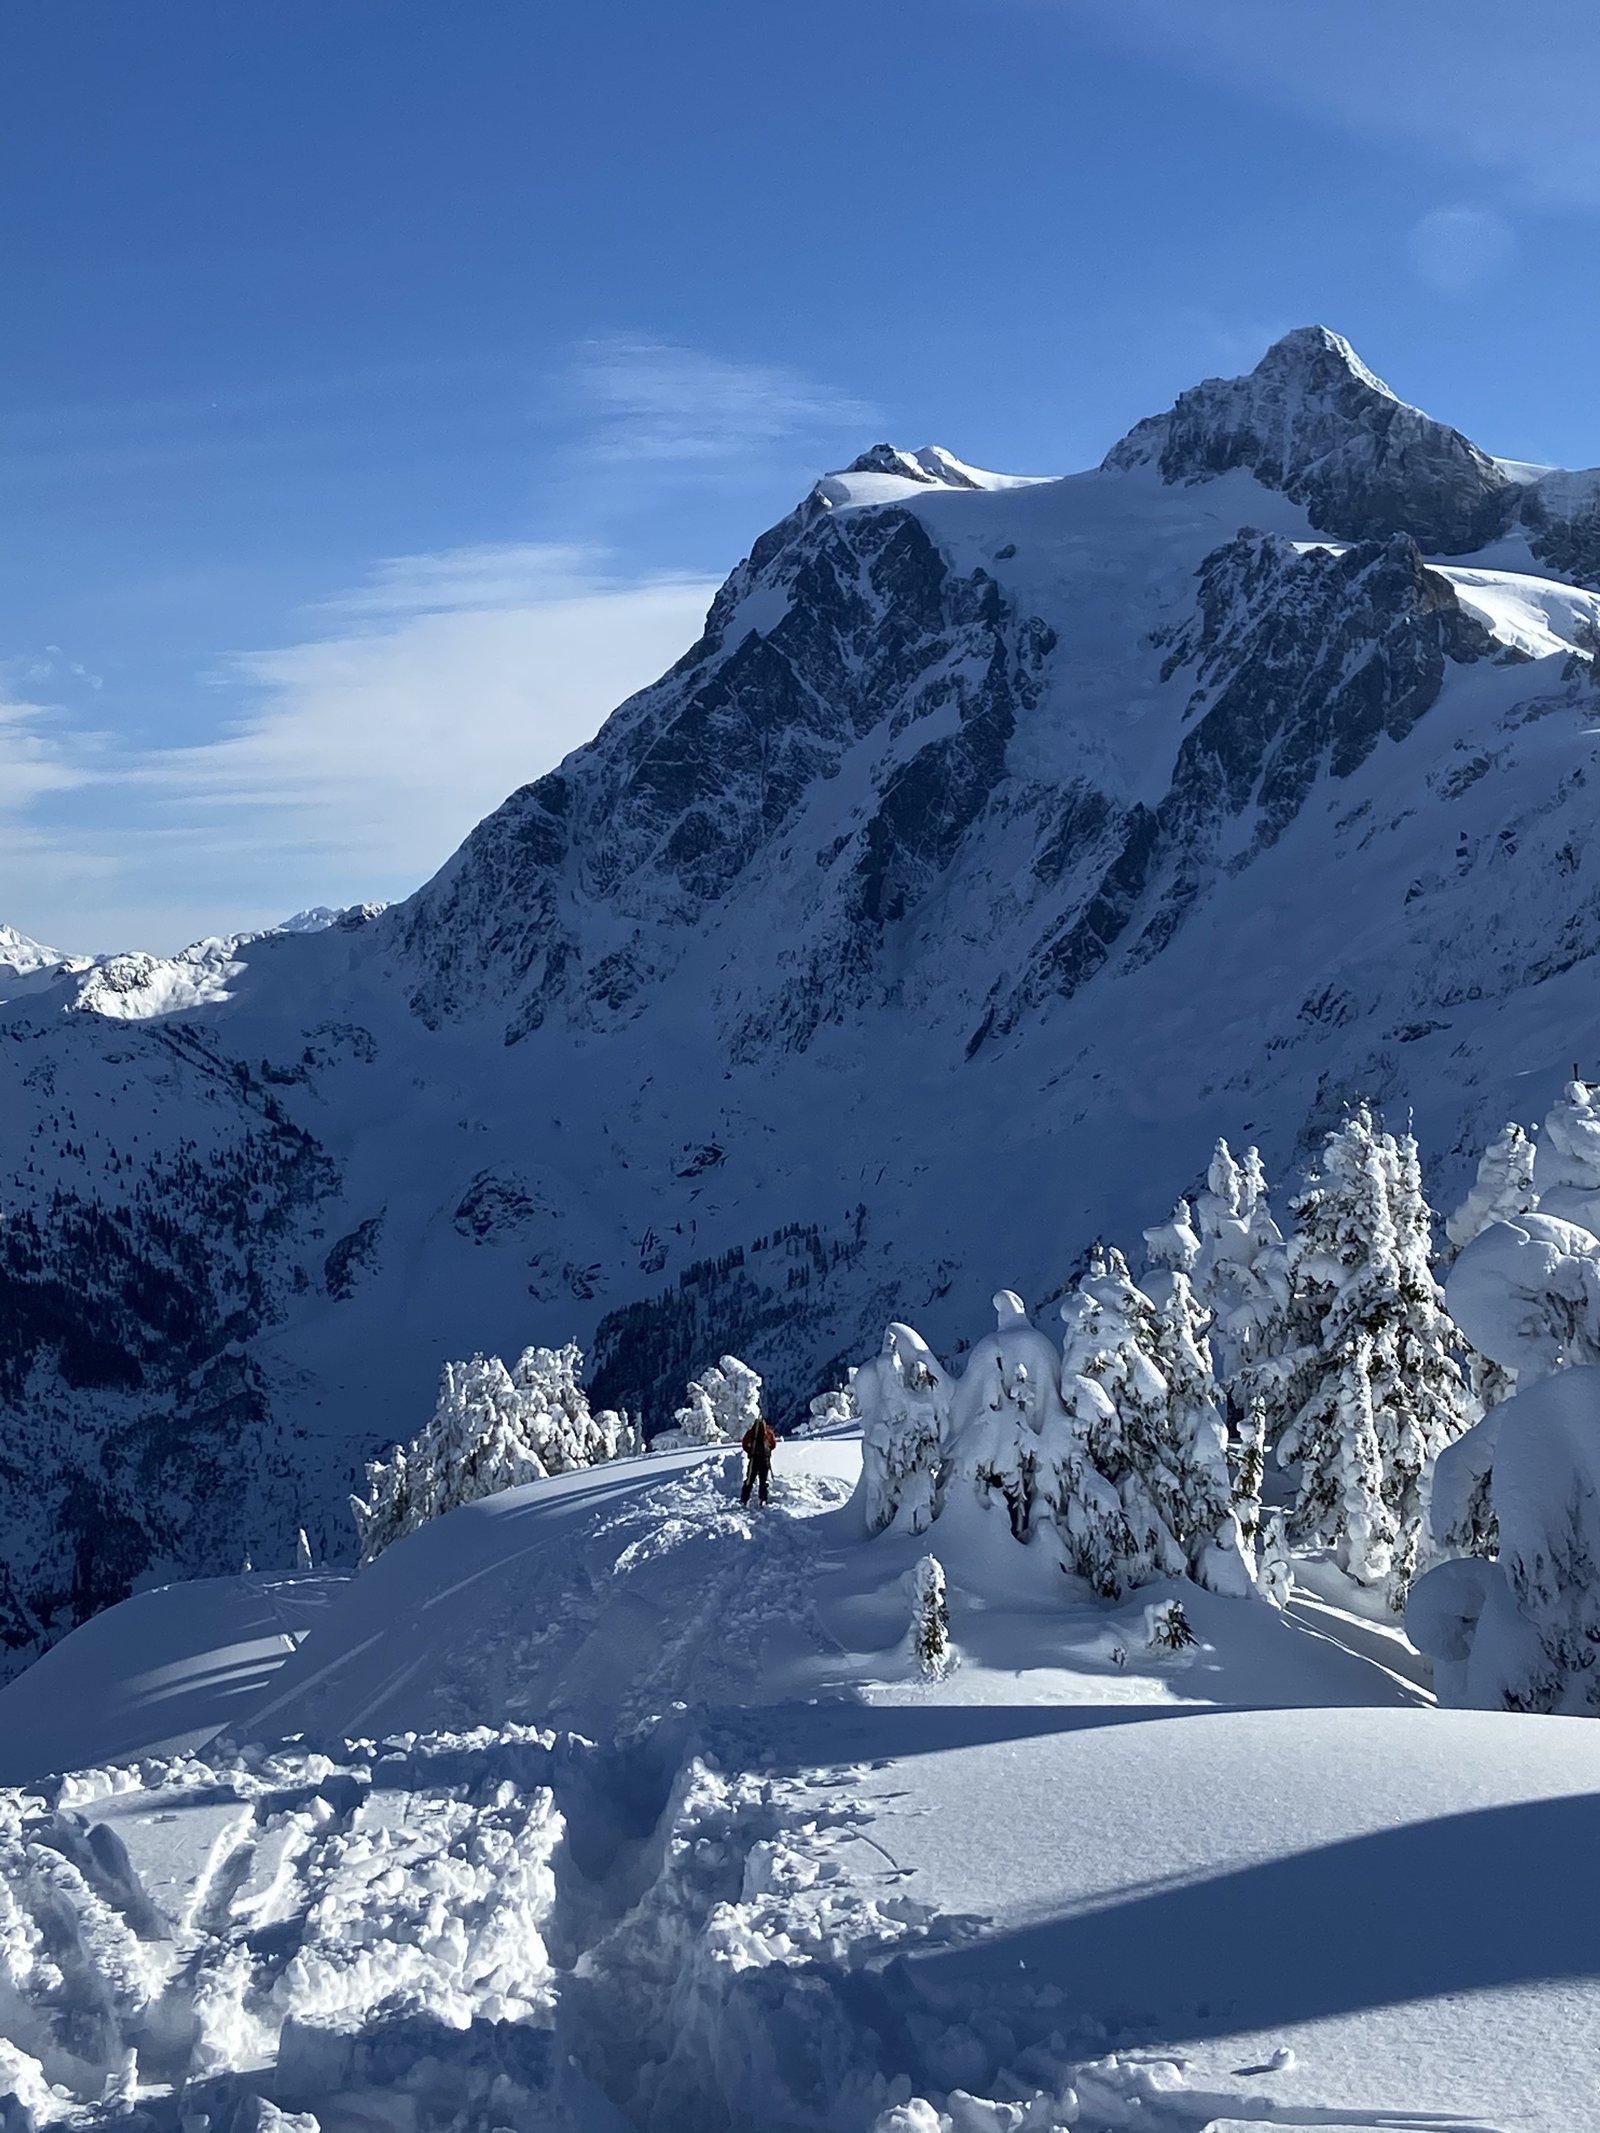 Mt. Shuksan ft. Gunnar